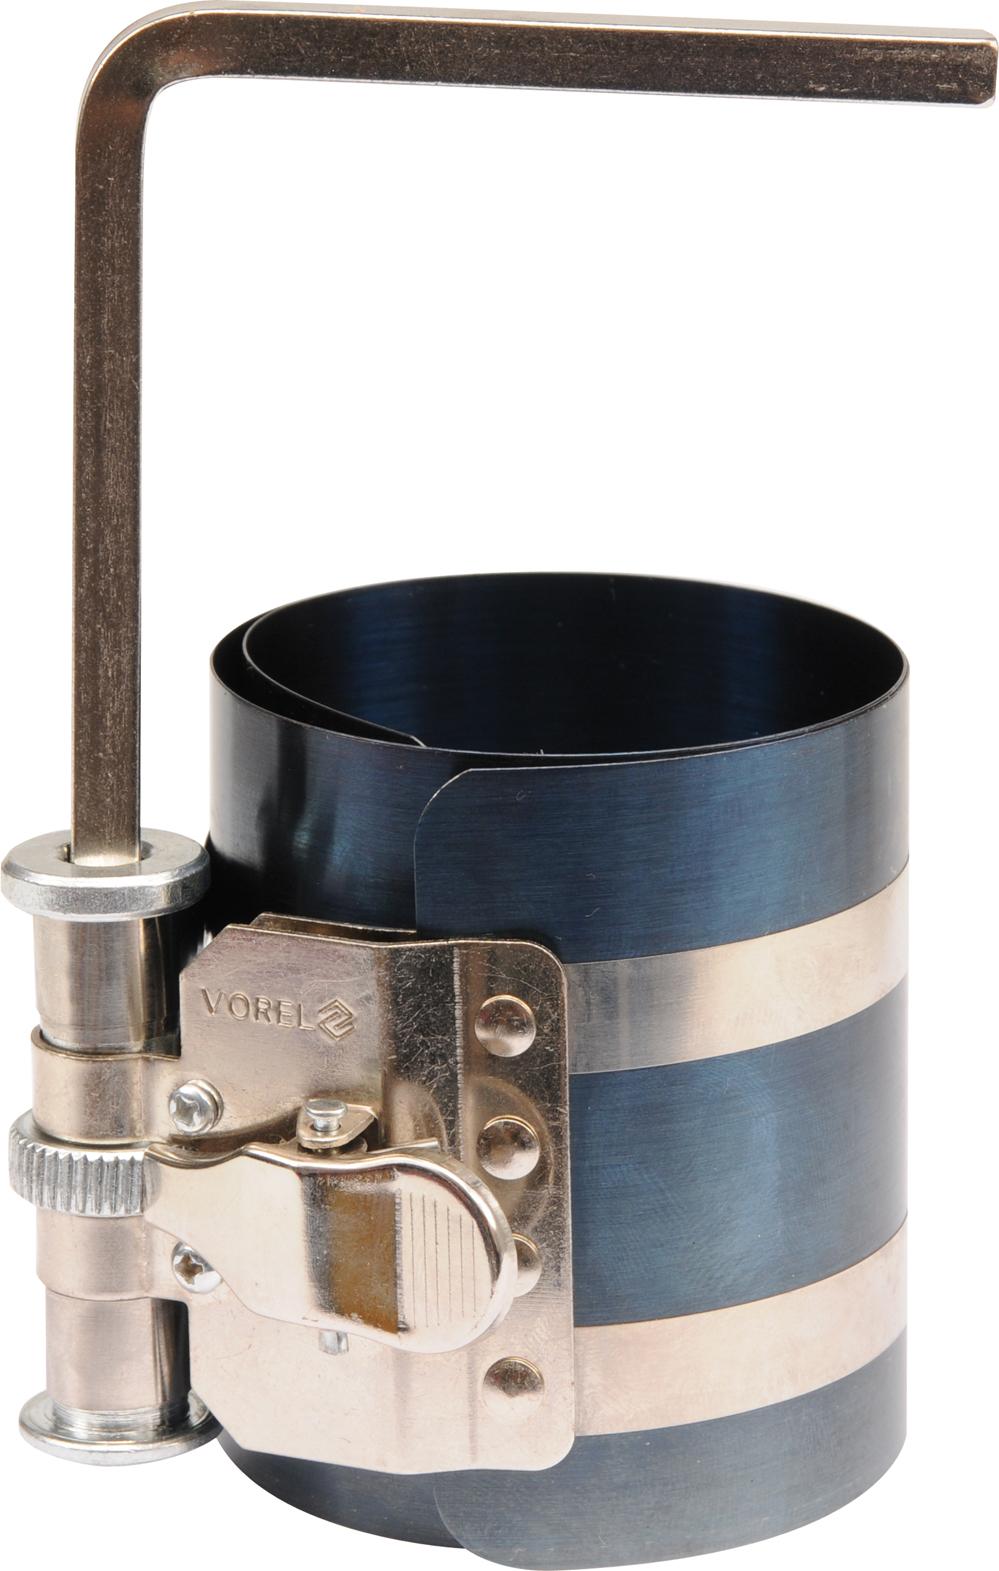 PISTON RING COMPRESSOR 50-125MM (80660)